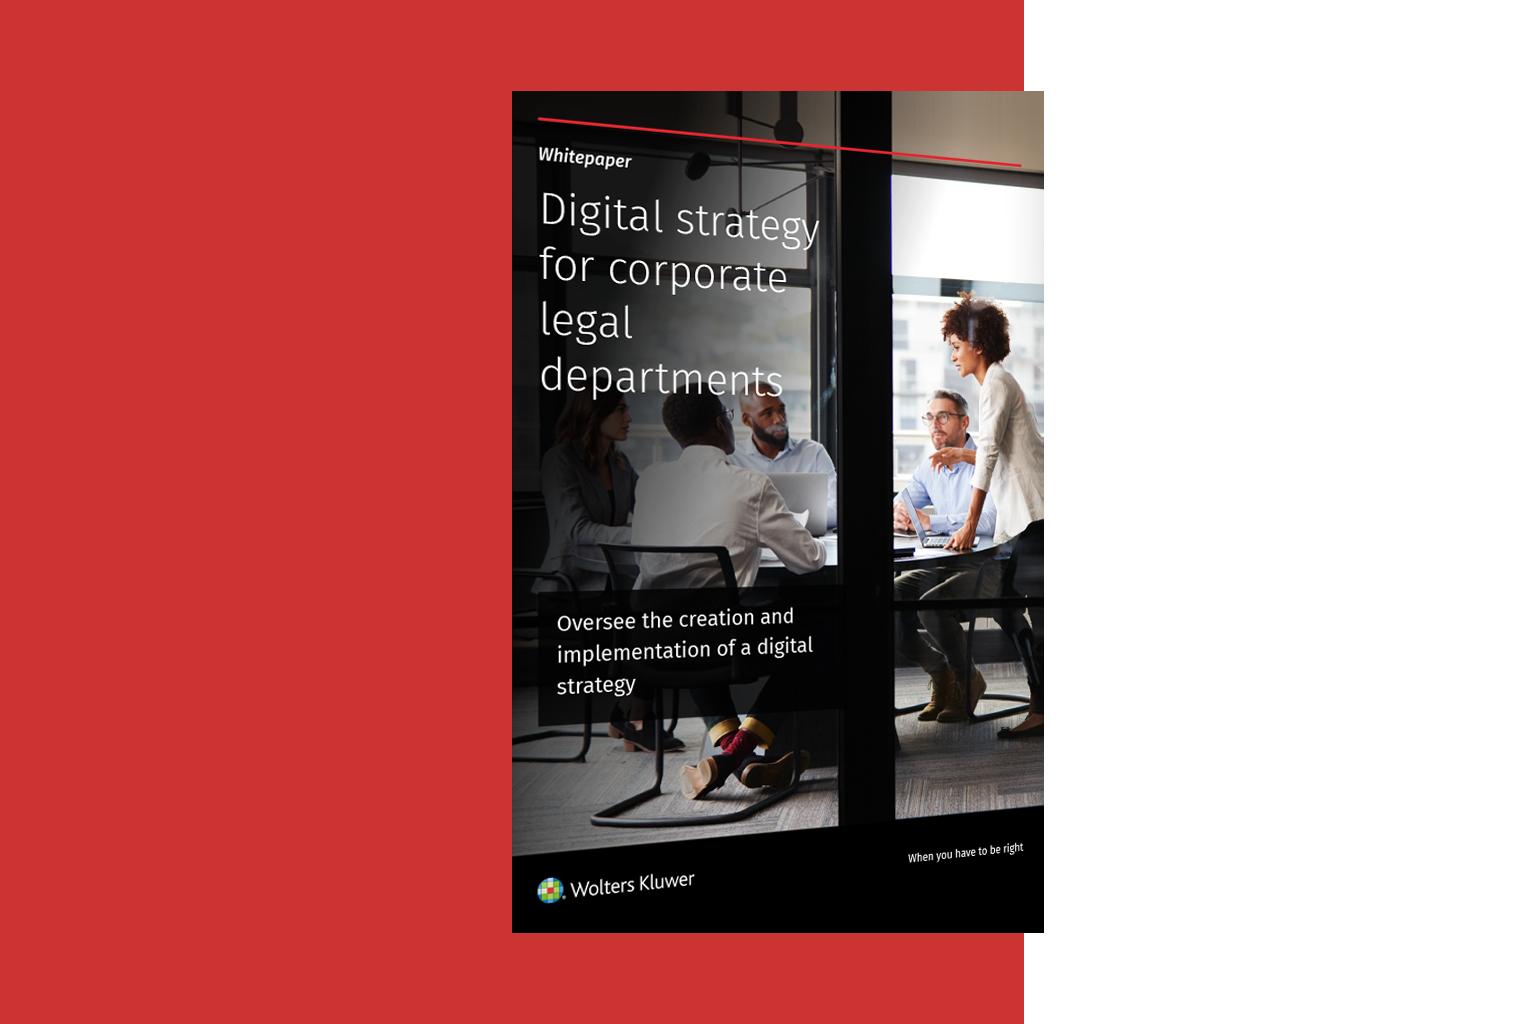 Legisway-Digital-Strategy-whitepaper